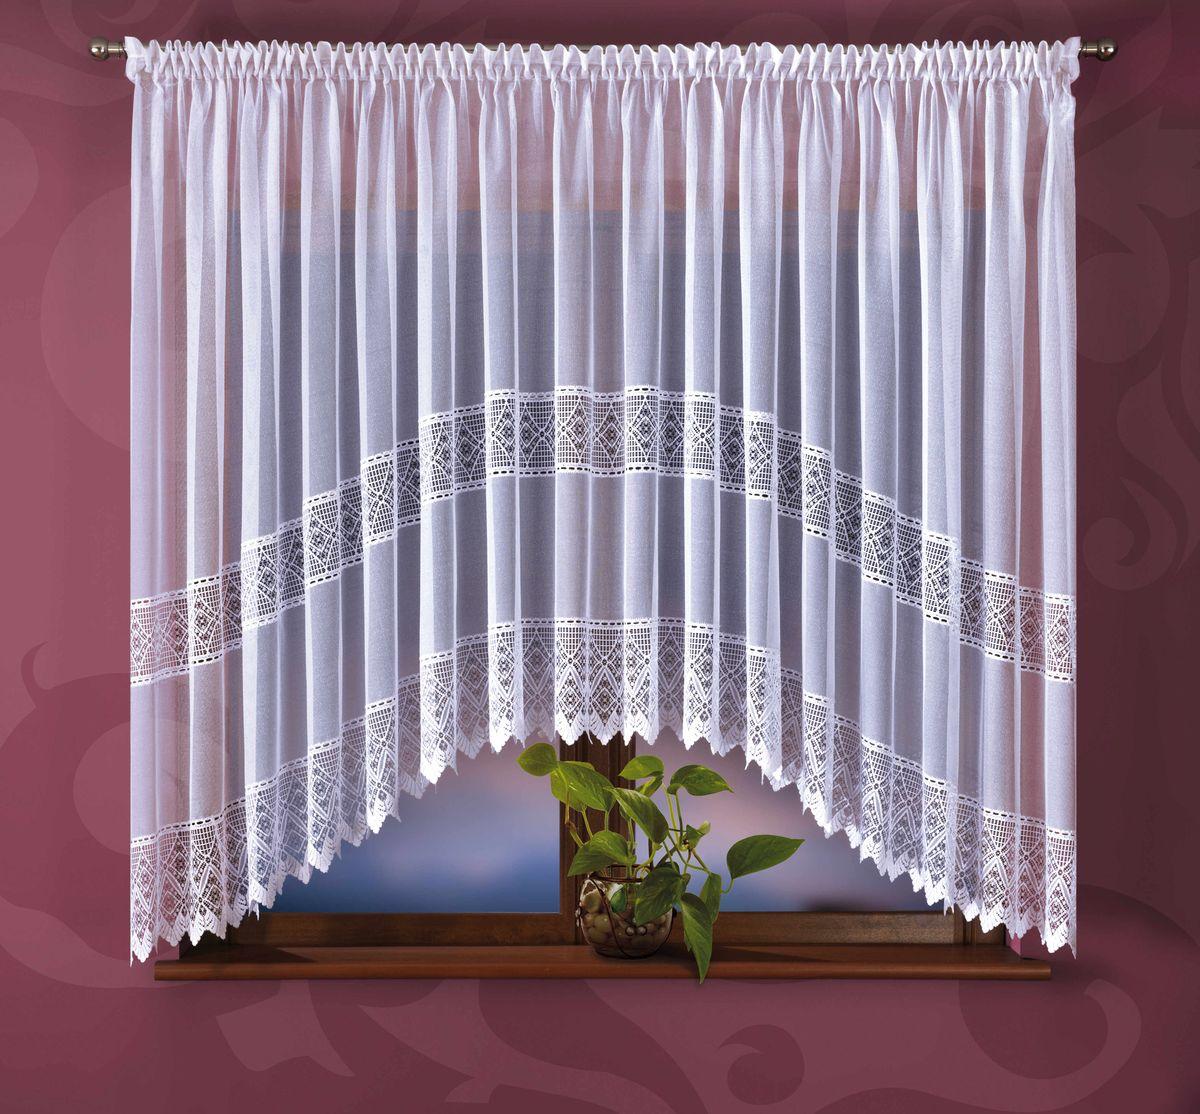 Гардина Wisan Areta, на ленте, цвет: белый, высота 180 смE355Воздушная гардина Wisan Areta, изготовленная из полиэстера, станет великолепным украшением любого окна. Изделие оформлено оригинальным орнаментом, который привлечет к себе внимание и органично впишется в интерьер комнаты. Оригинальное оформление гардины внесет разнообразие и подарит заряд положительного настроения.Гардина оснащена шторной лентой для крепления на карниз.